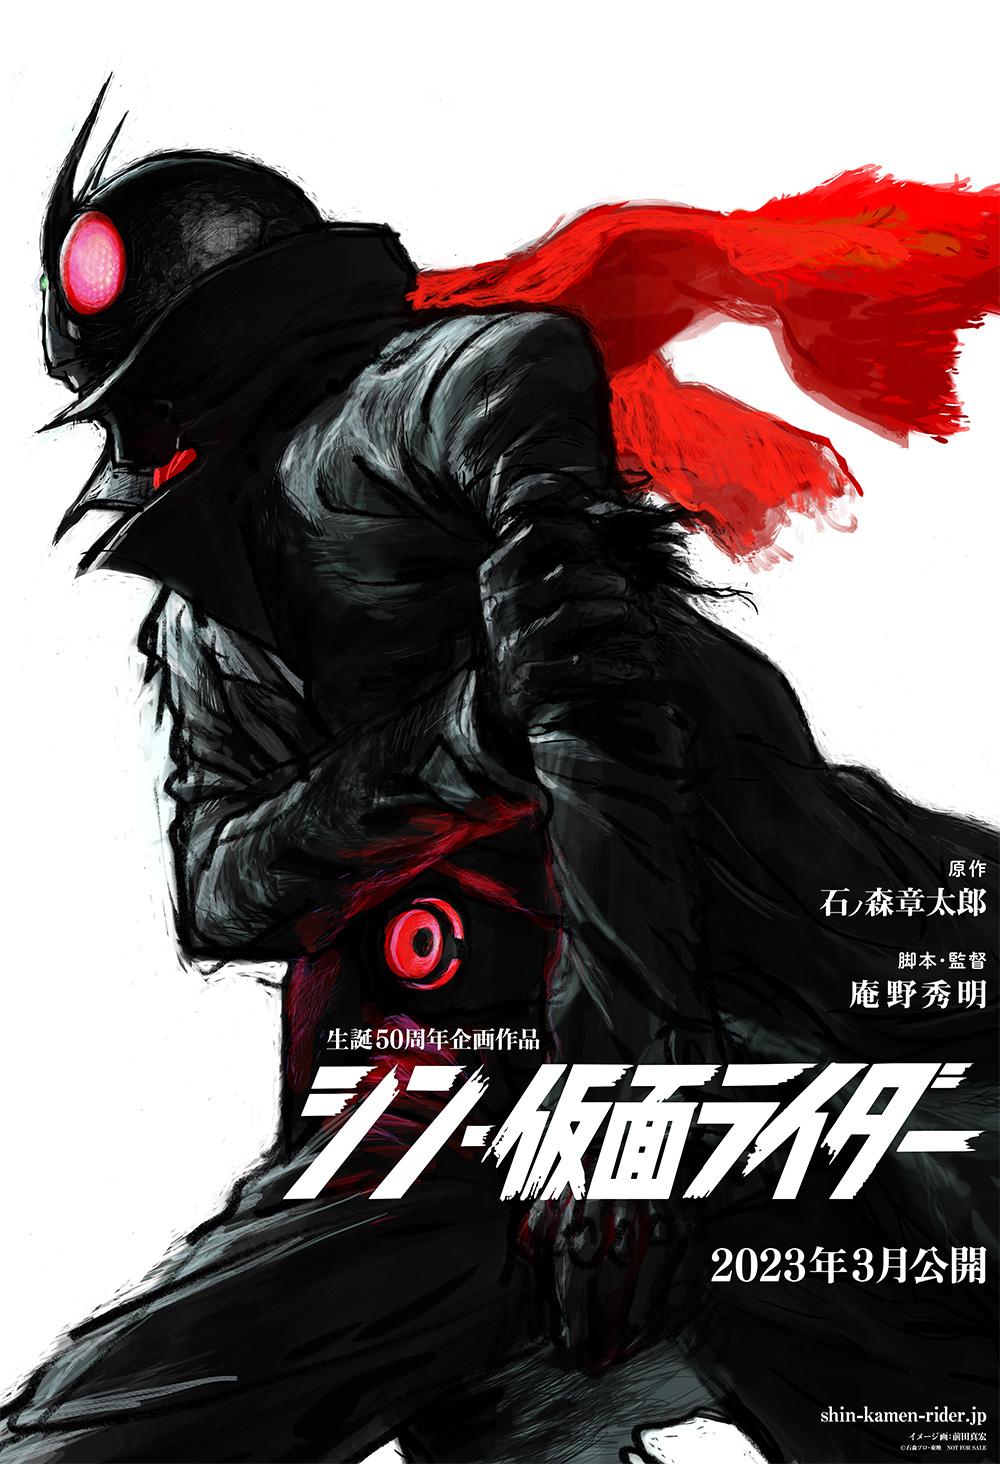 TOEI Umumkan Tiga Proyek Baru Dalam Rangka Ulang Tahun ke-50 Waralaba Kamen Rider 4